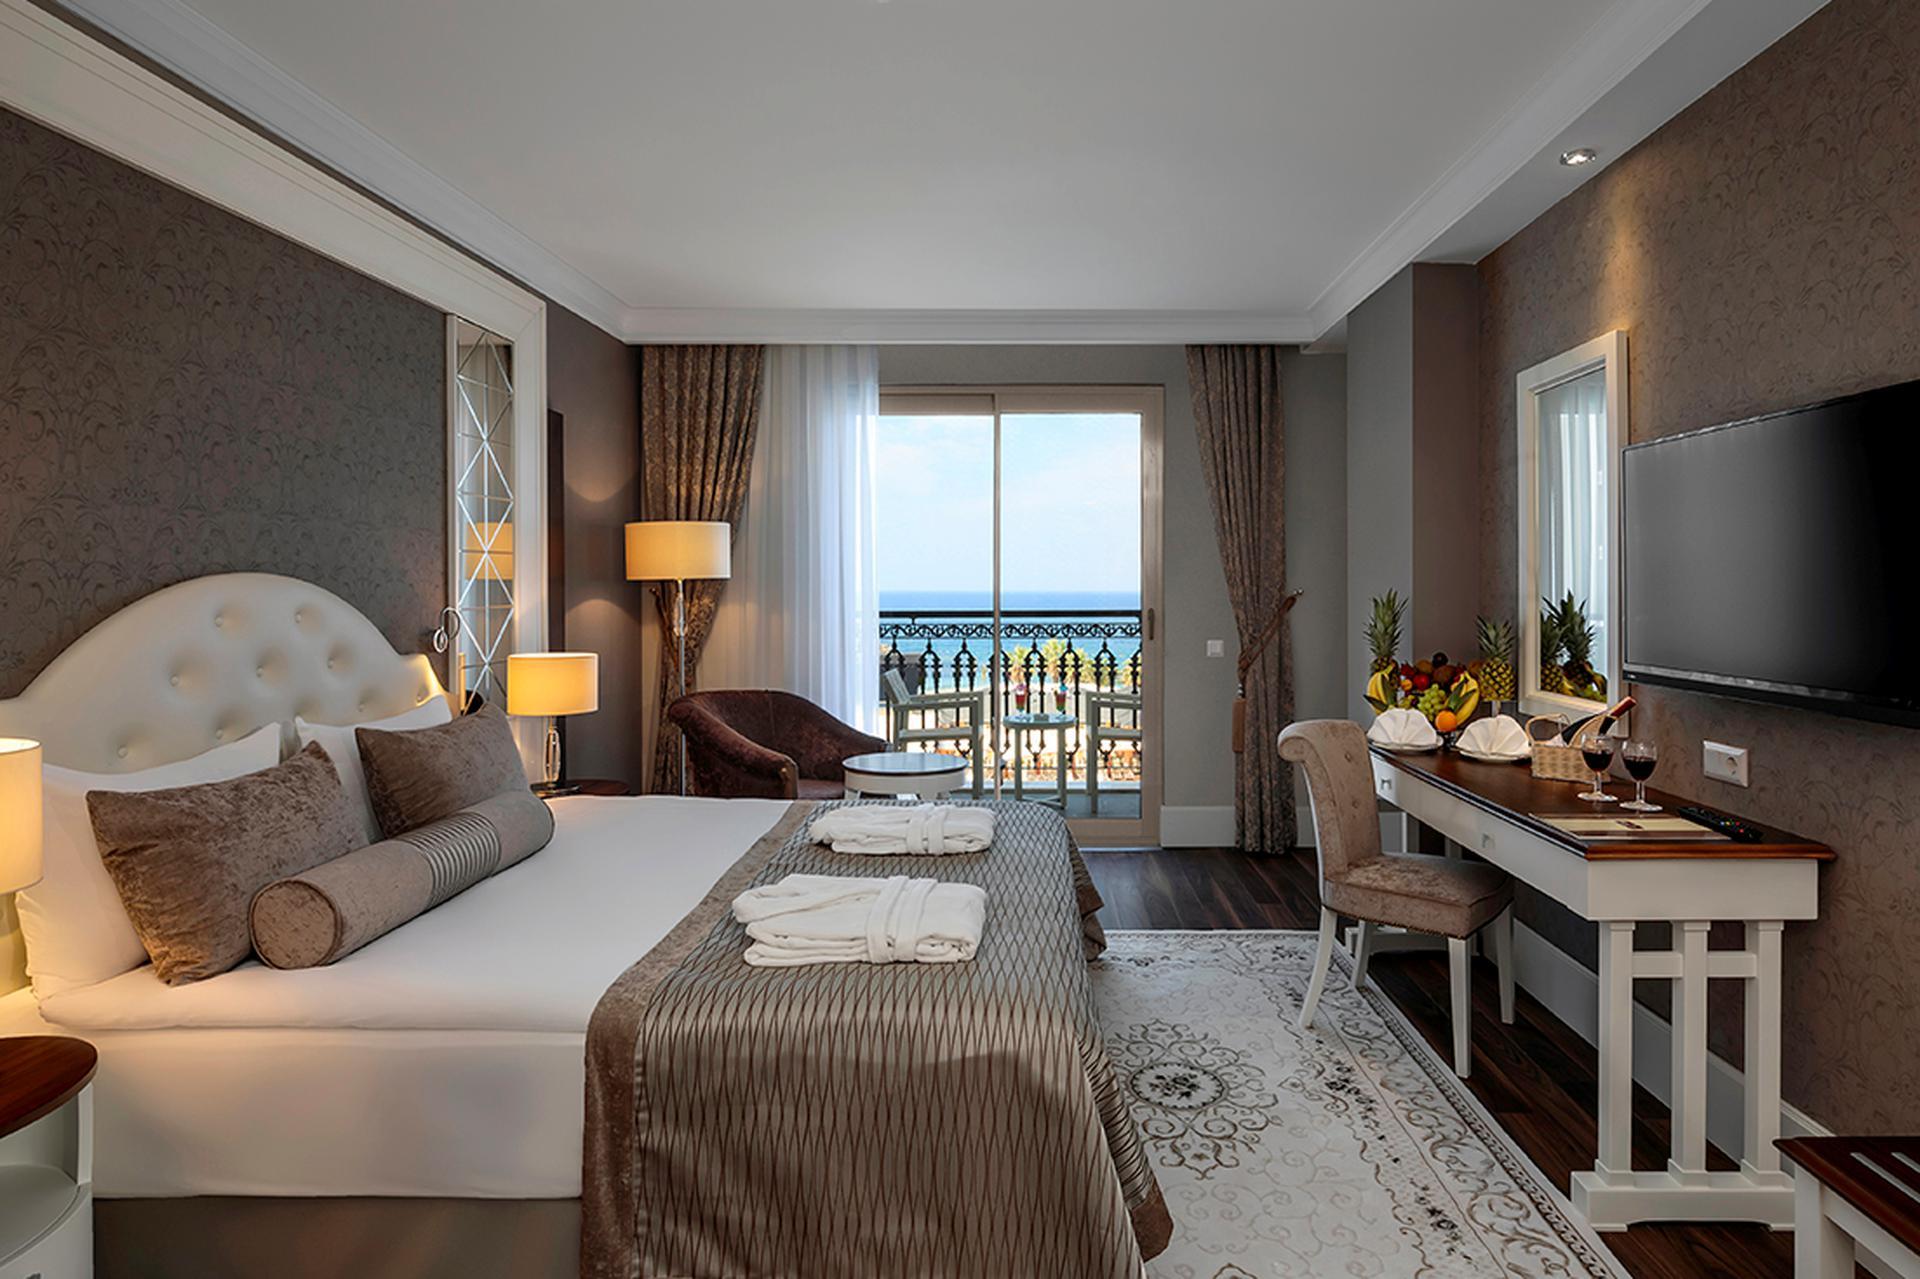 Palace Hotel Kuste